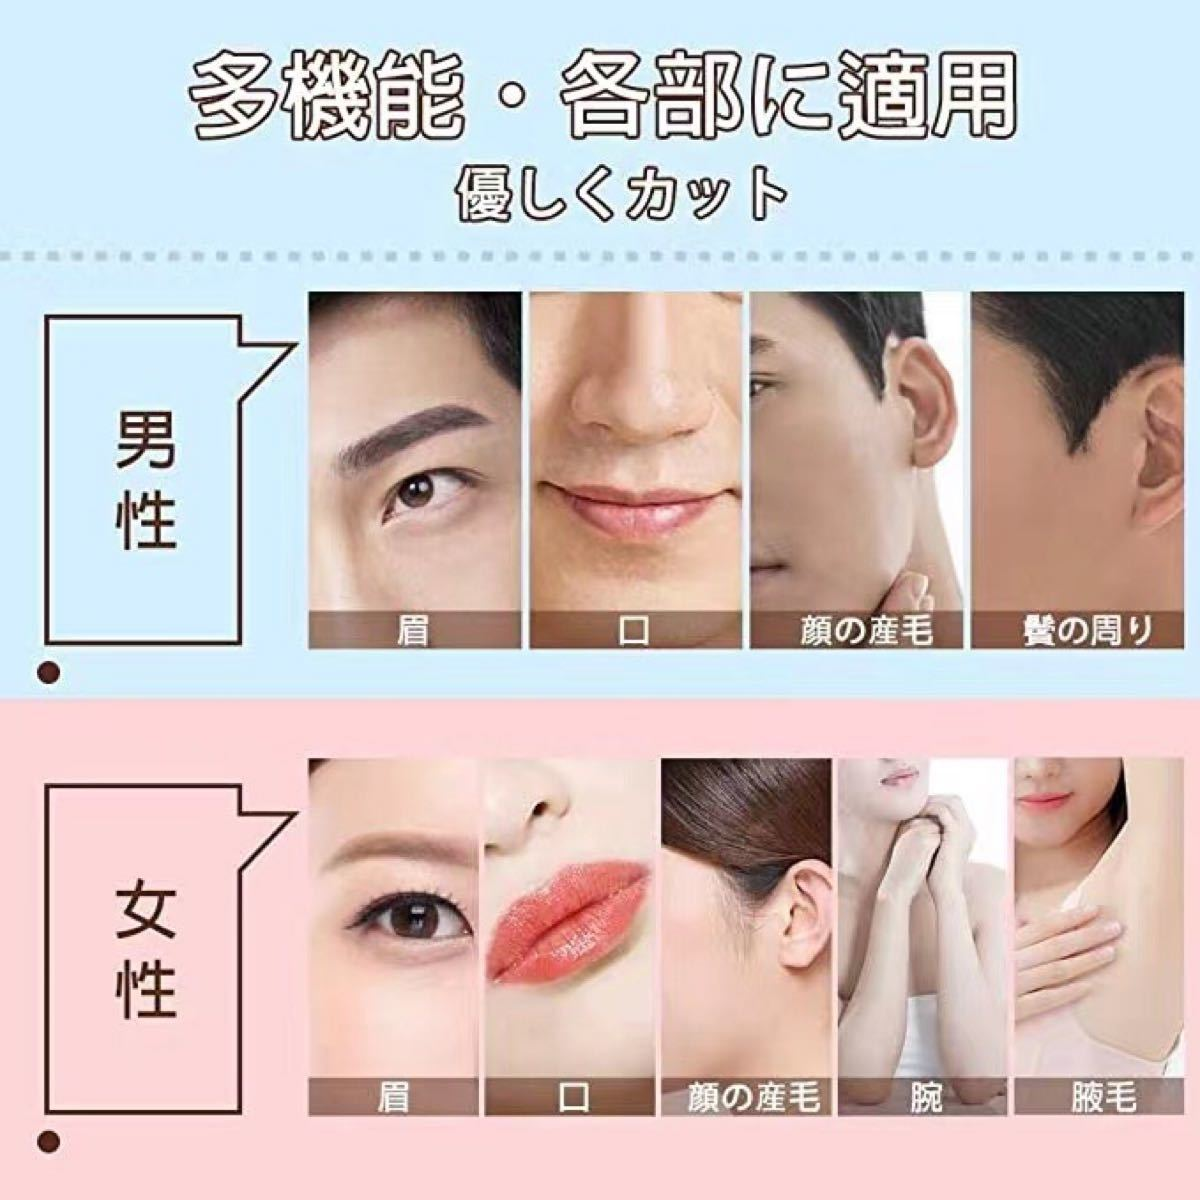 眉毛シェーバー 眉毛カッター 充電式 電動 ユコーム付き 水洗い可能